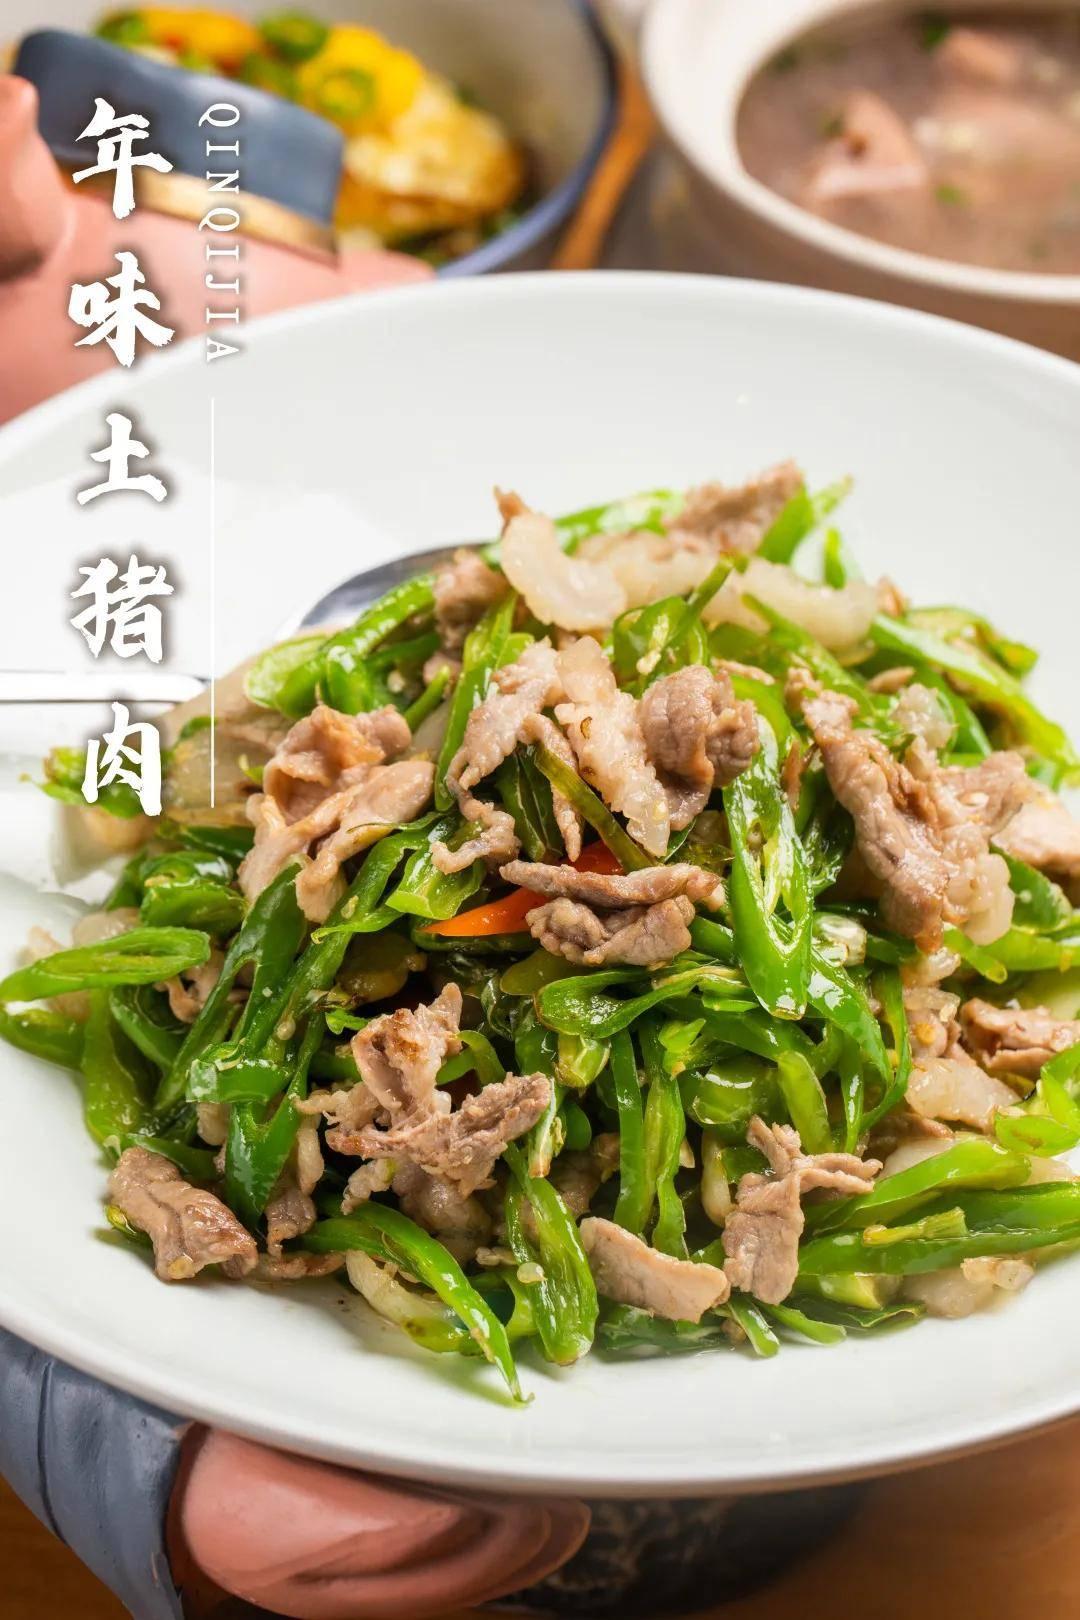 第479场美食美酒交流品鉴活动:亲戚家 湖南土菜馆